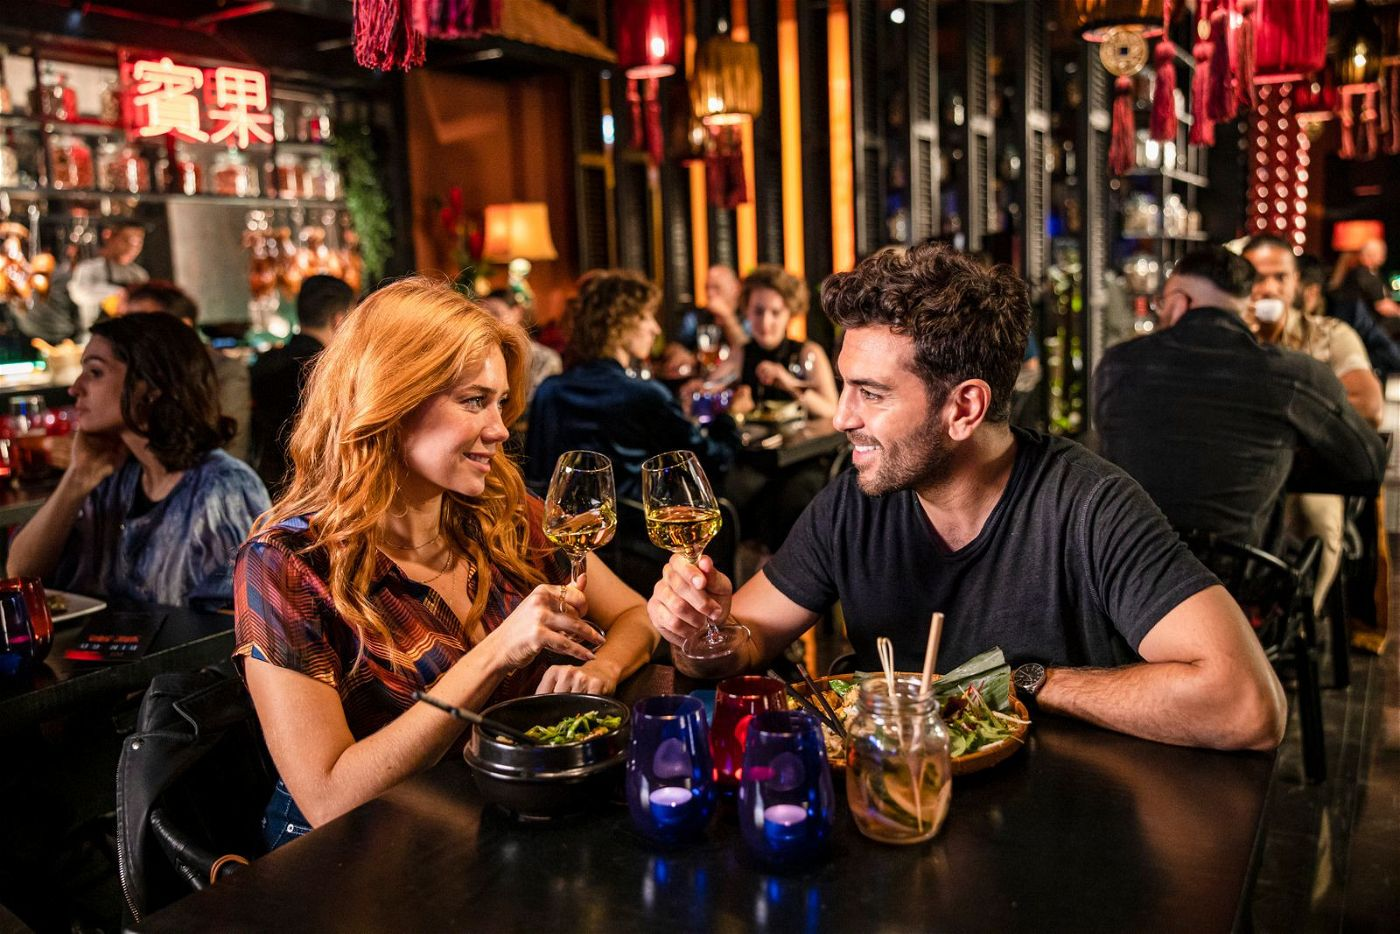 Prost: Sunny (Palina Rojinski) und Milo (Elyas M'Barek) freuen sich auf ihr Date. Doch dann kommt alles anders als gedacht.